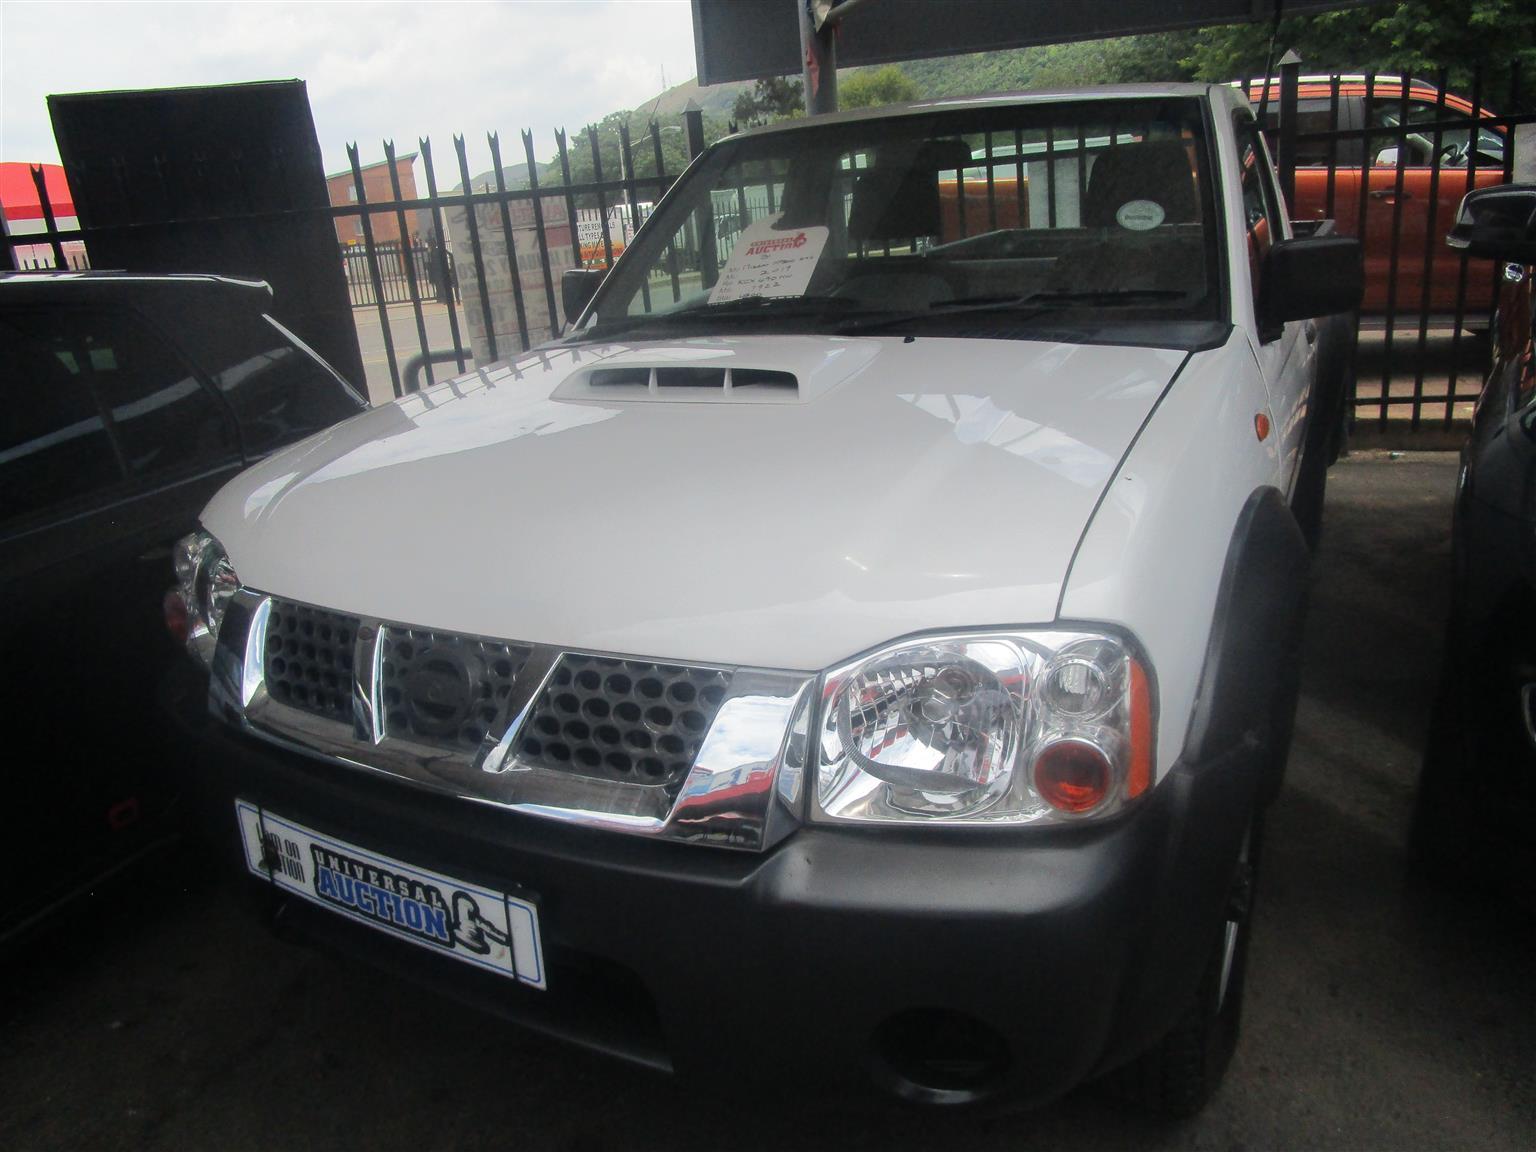 2008 Chevrolet Lumina SS